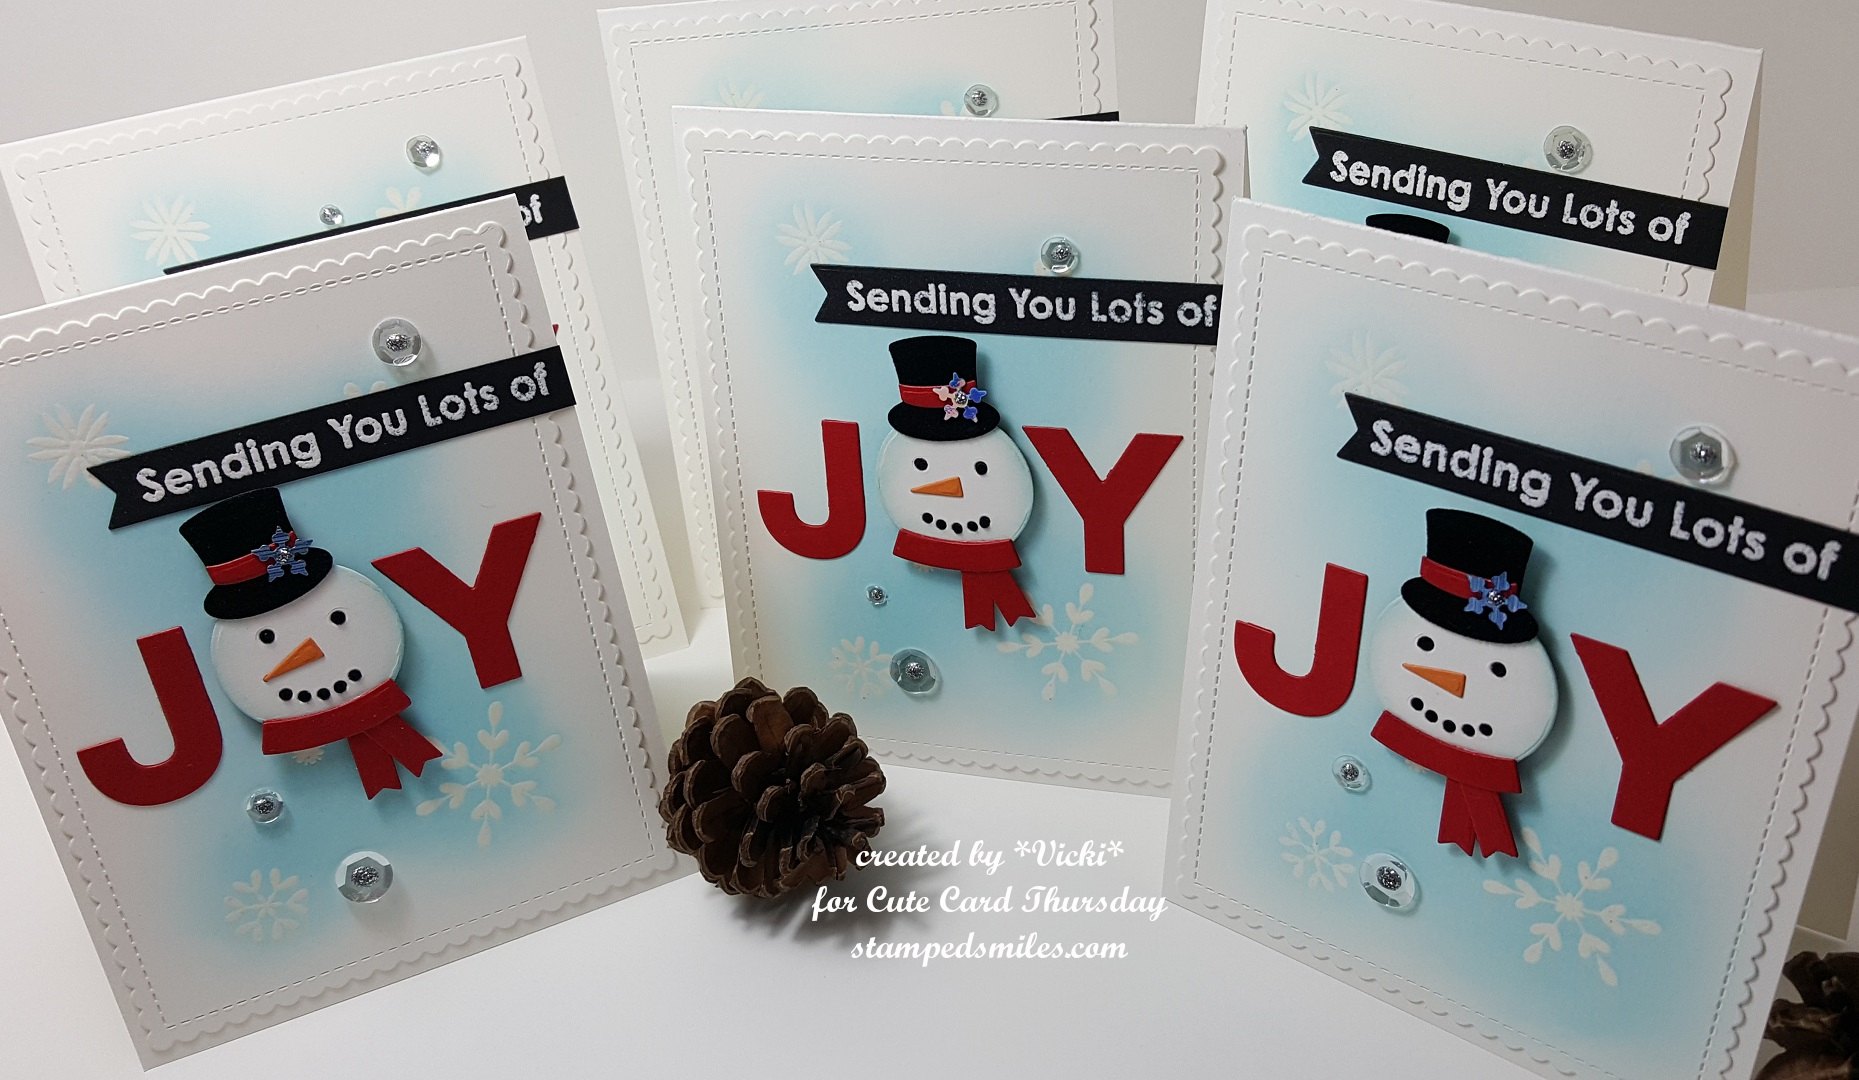 Vicki-CCT561-Snowman Joy-mass produce